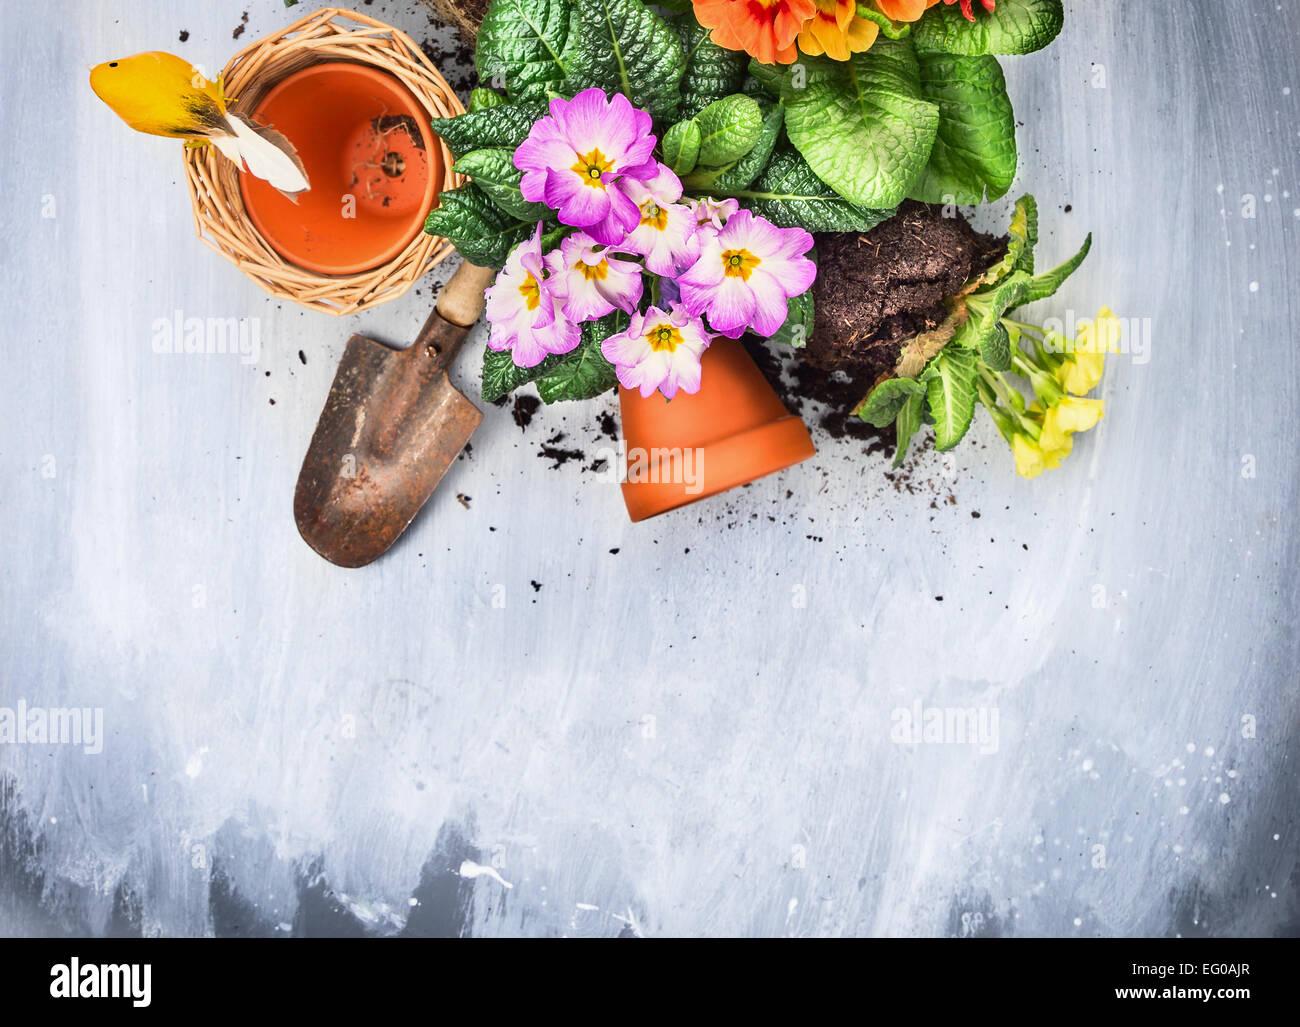 Les fleurs du printemps l'empotage avec outils de jardin, des pots et du sol, sur une table en bois gris , vue Photo Stock